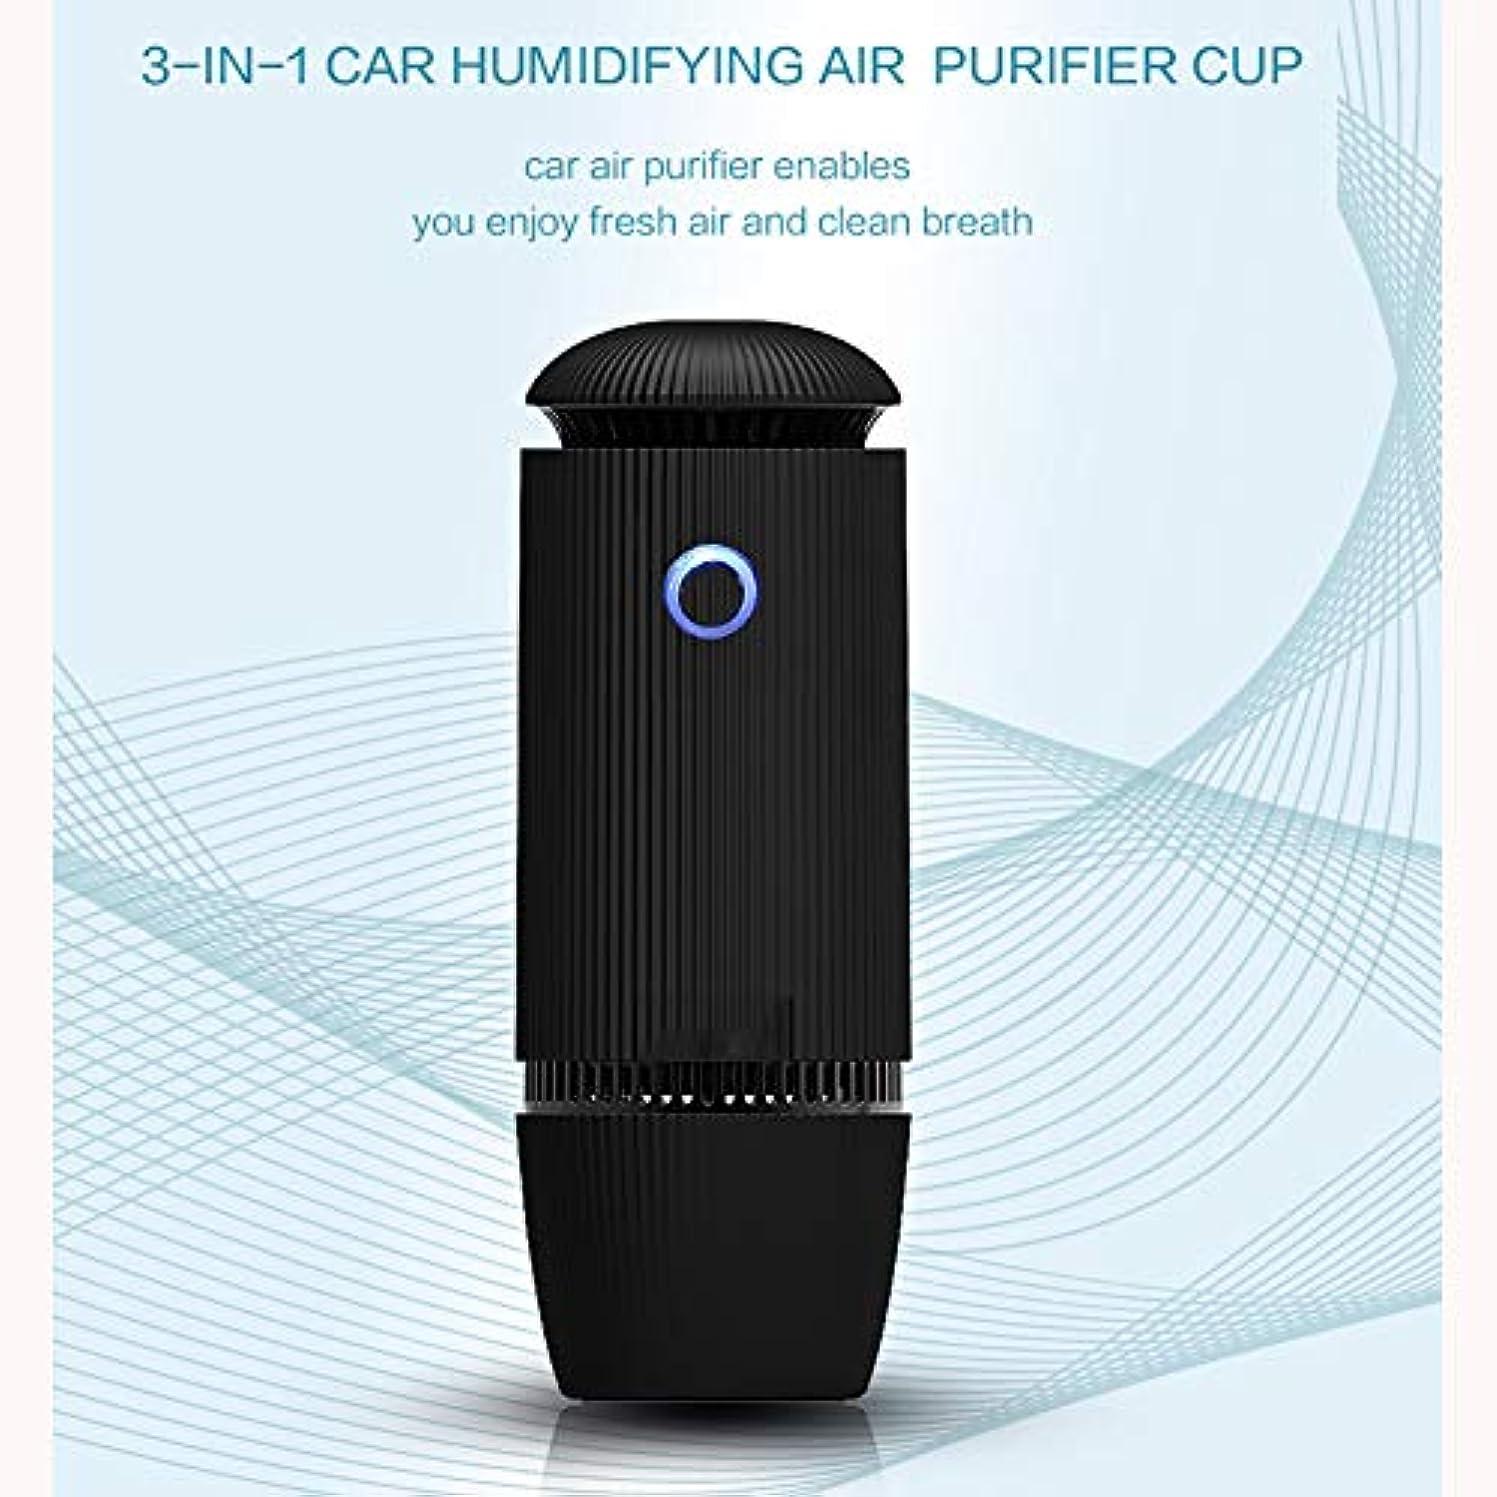 最も遠い十分にユーモア車のアロマセラピー機械清浄機、エッセンシャルオイルディフューザー多機能USBアロマ加湿器用車、家庭、仕事